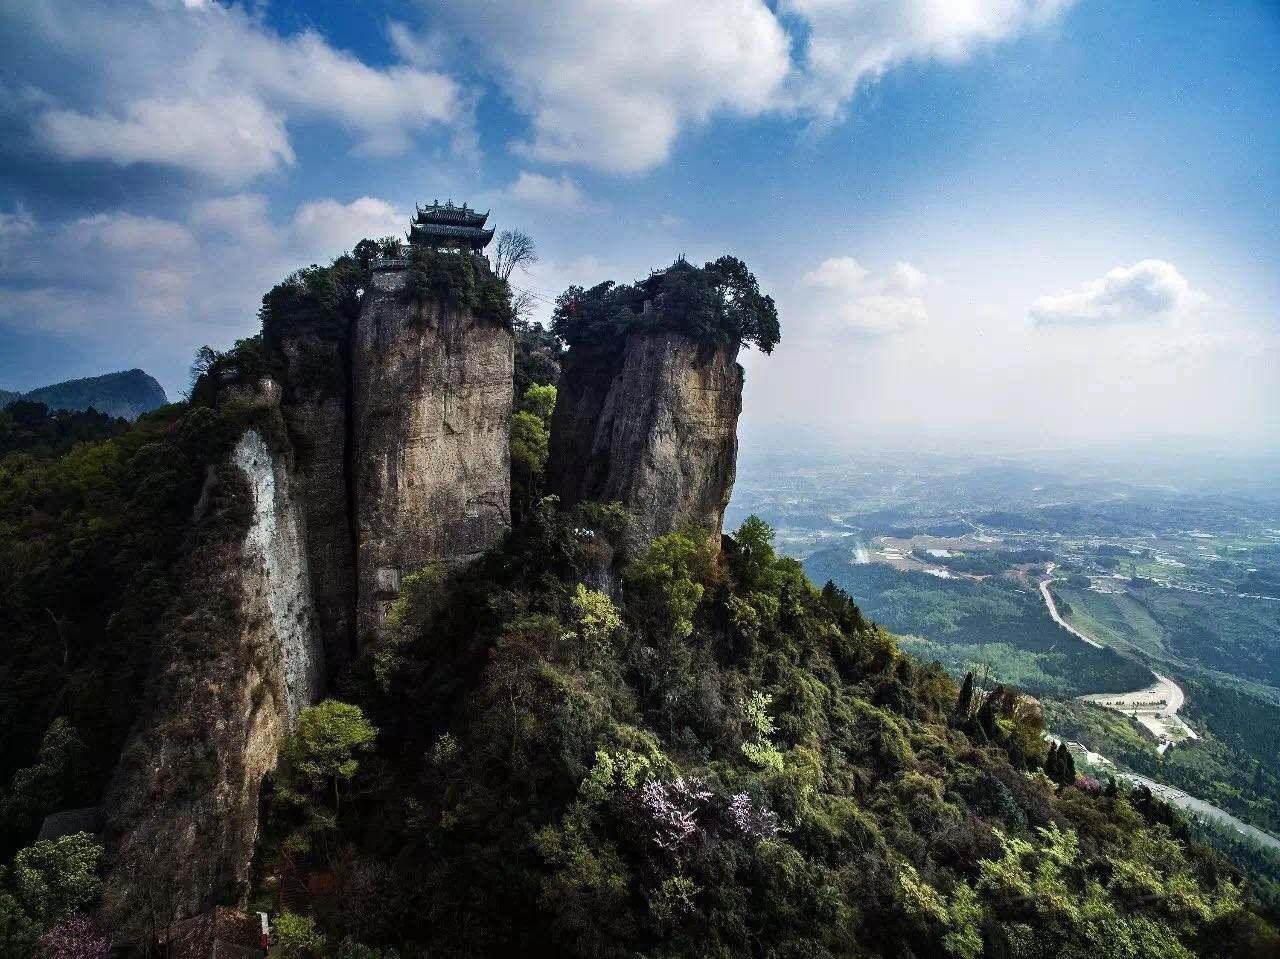 四川一座容易读错的山,是剑门蜀道国家级风景名胜区的组成部分